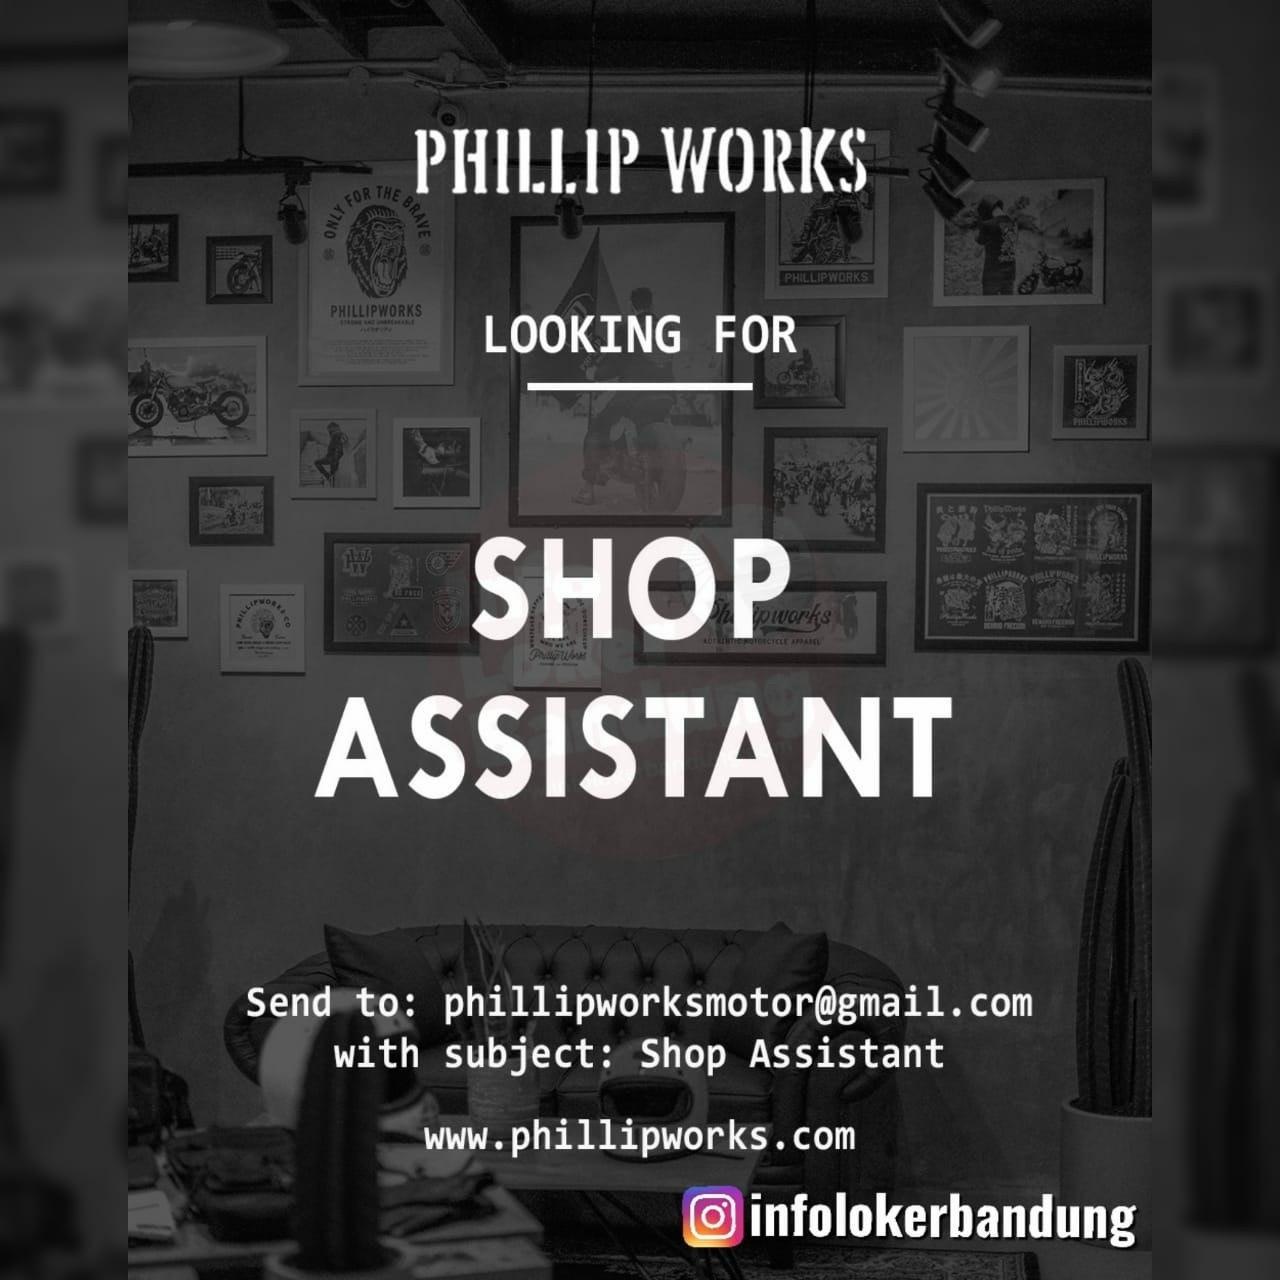 Lowongan Kerja Shop Asistant Phillip Works Bandung Maret 2020